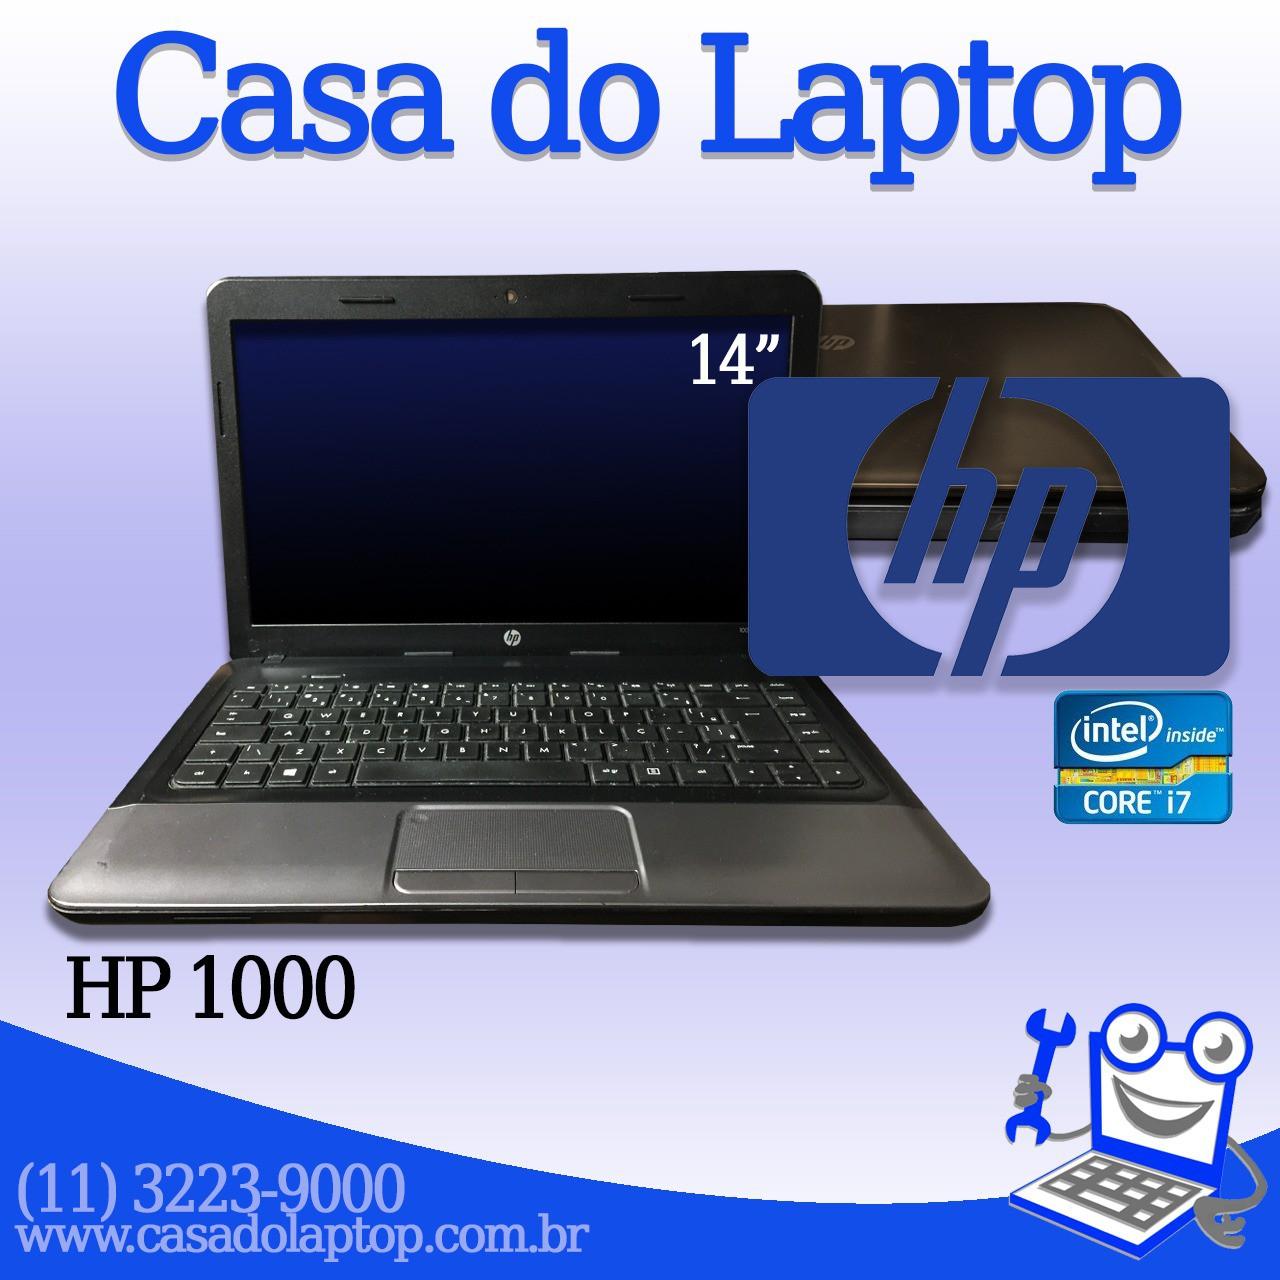 Laptop HP 1000 Intel i7 de 3a. Geração 8 GB memória e 500 GB disco rígido